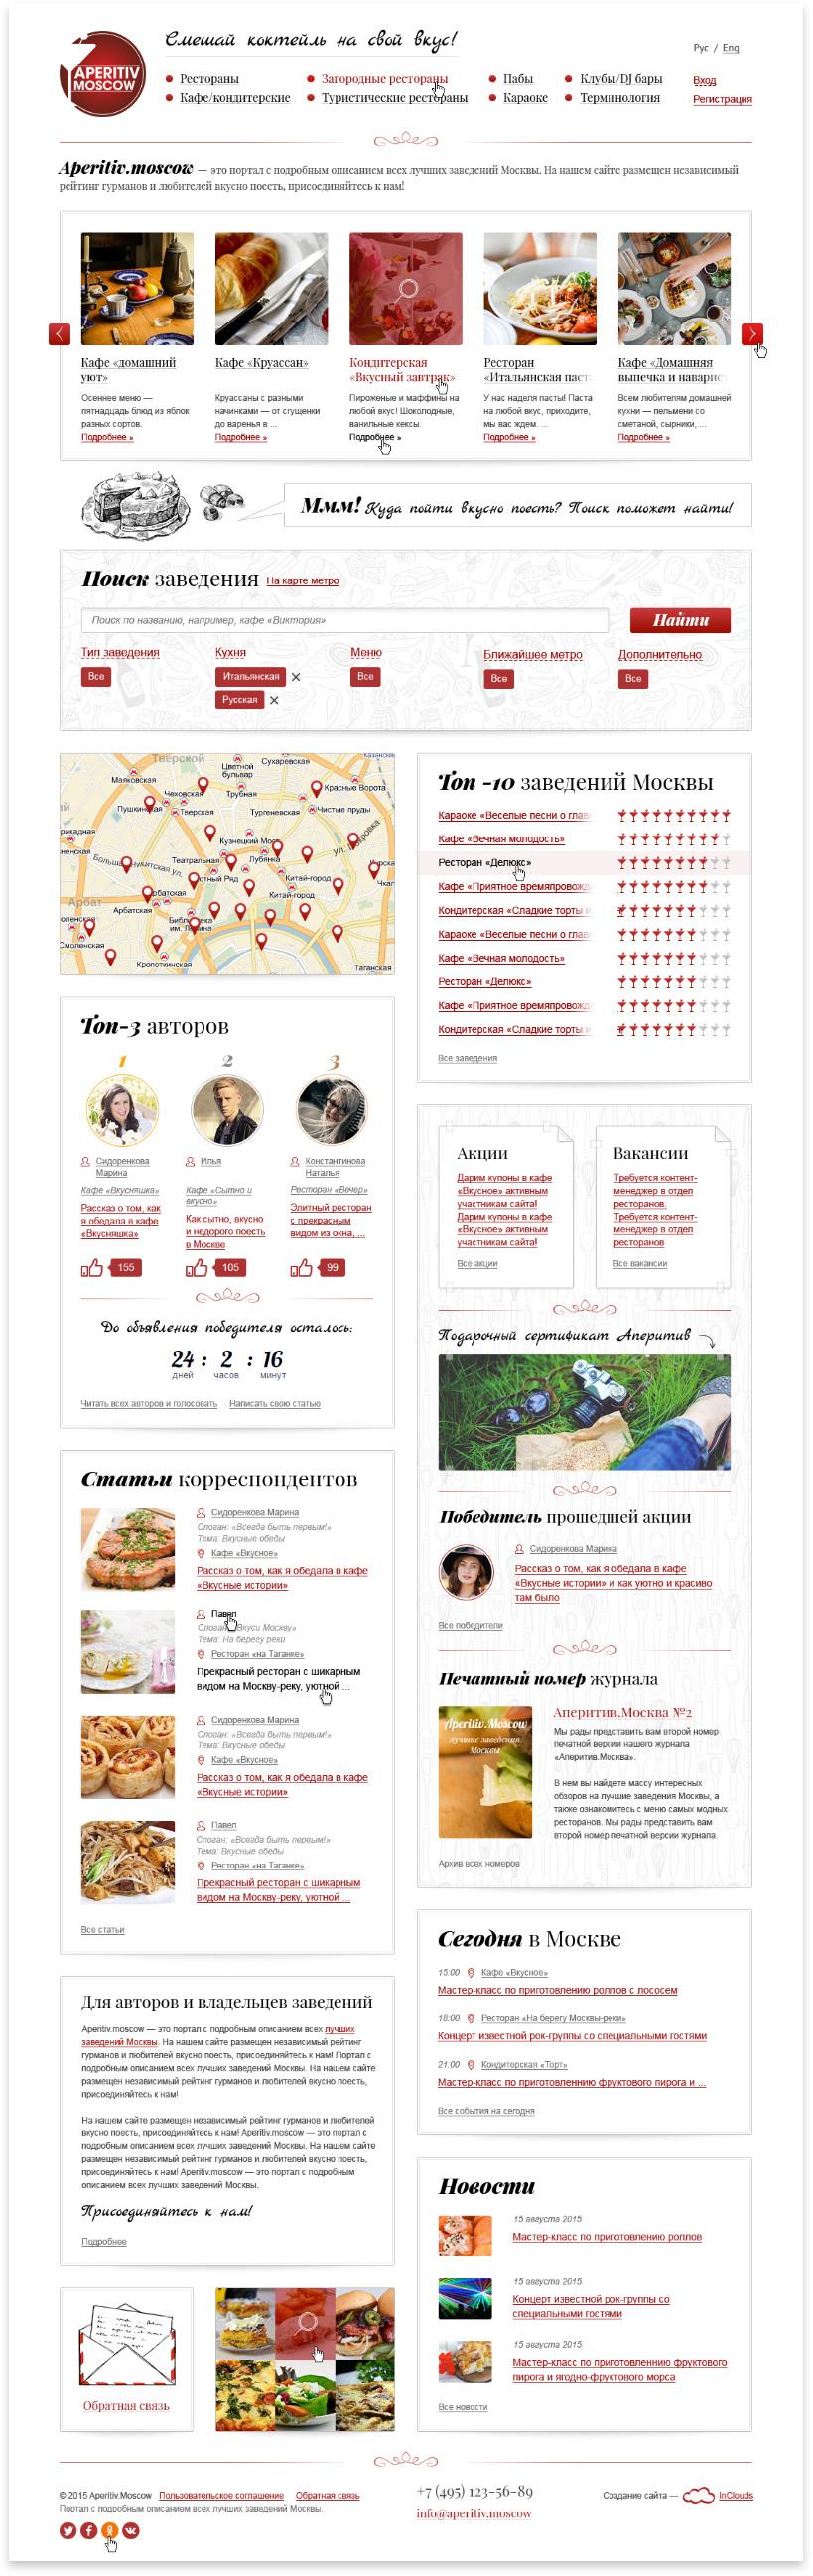 Портал о заведениях Москвы